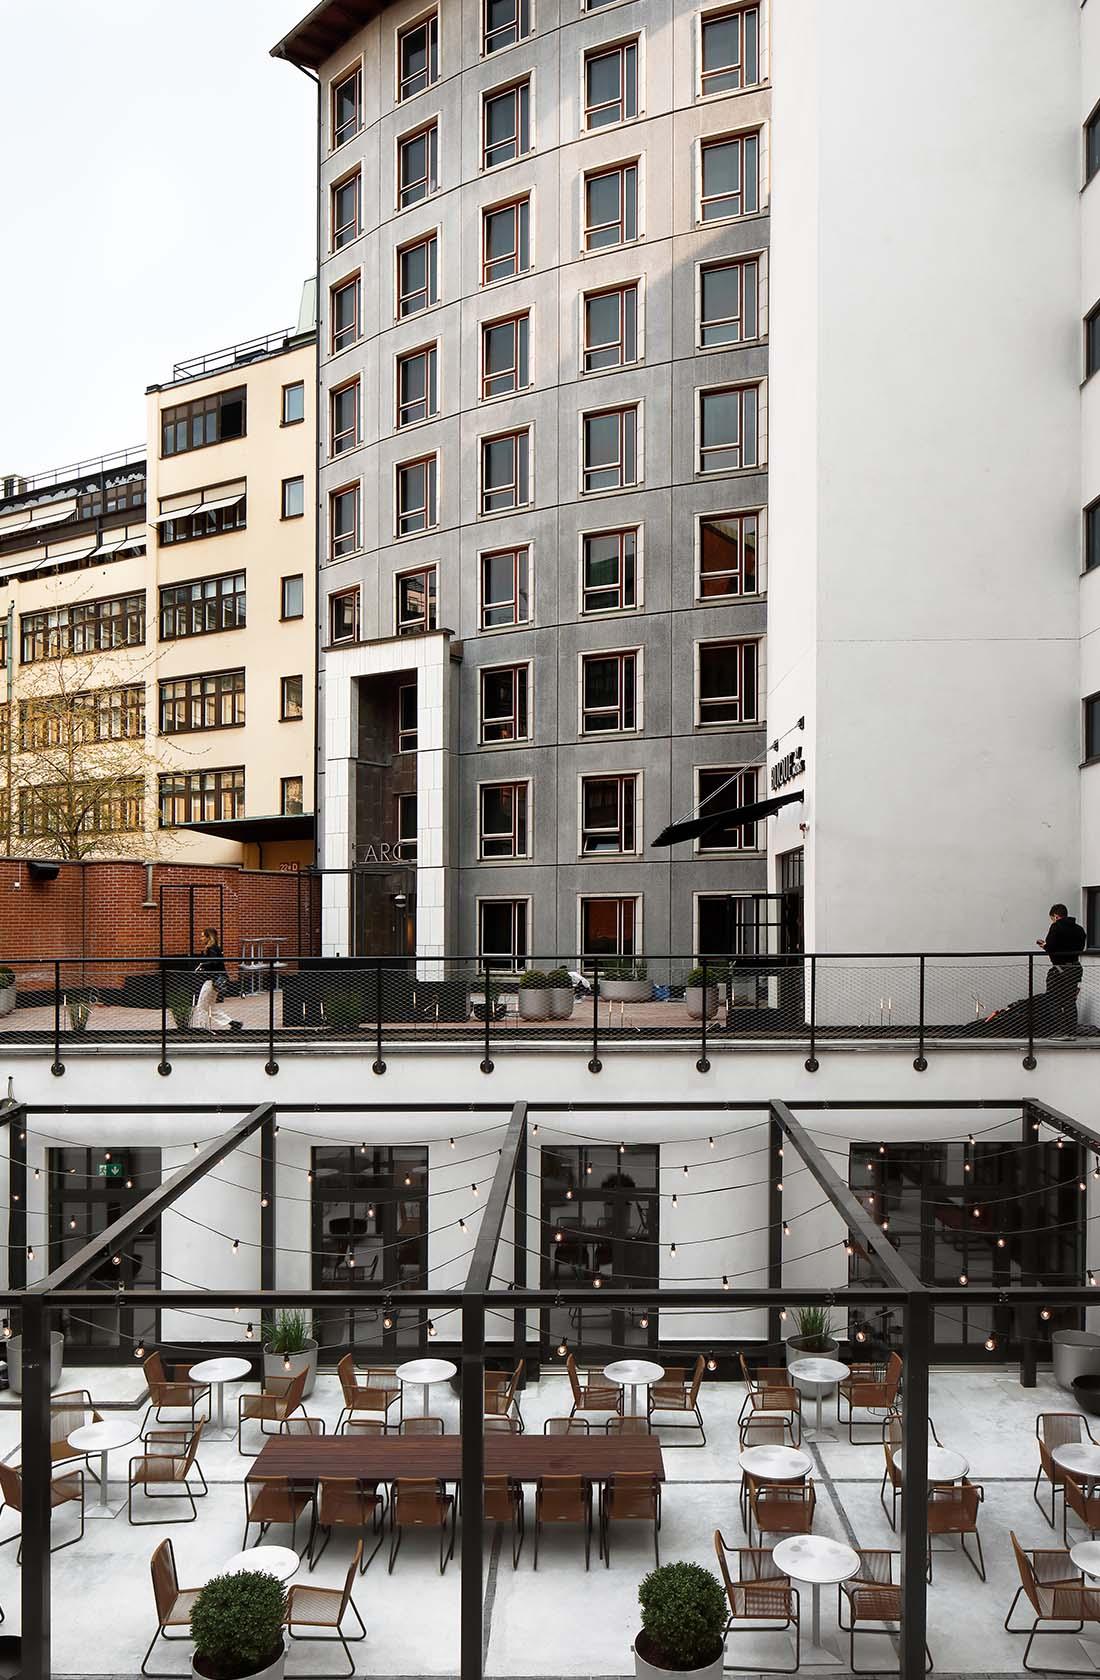 Utvändig miljö Blique by Nobis